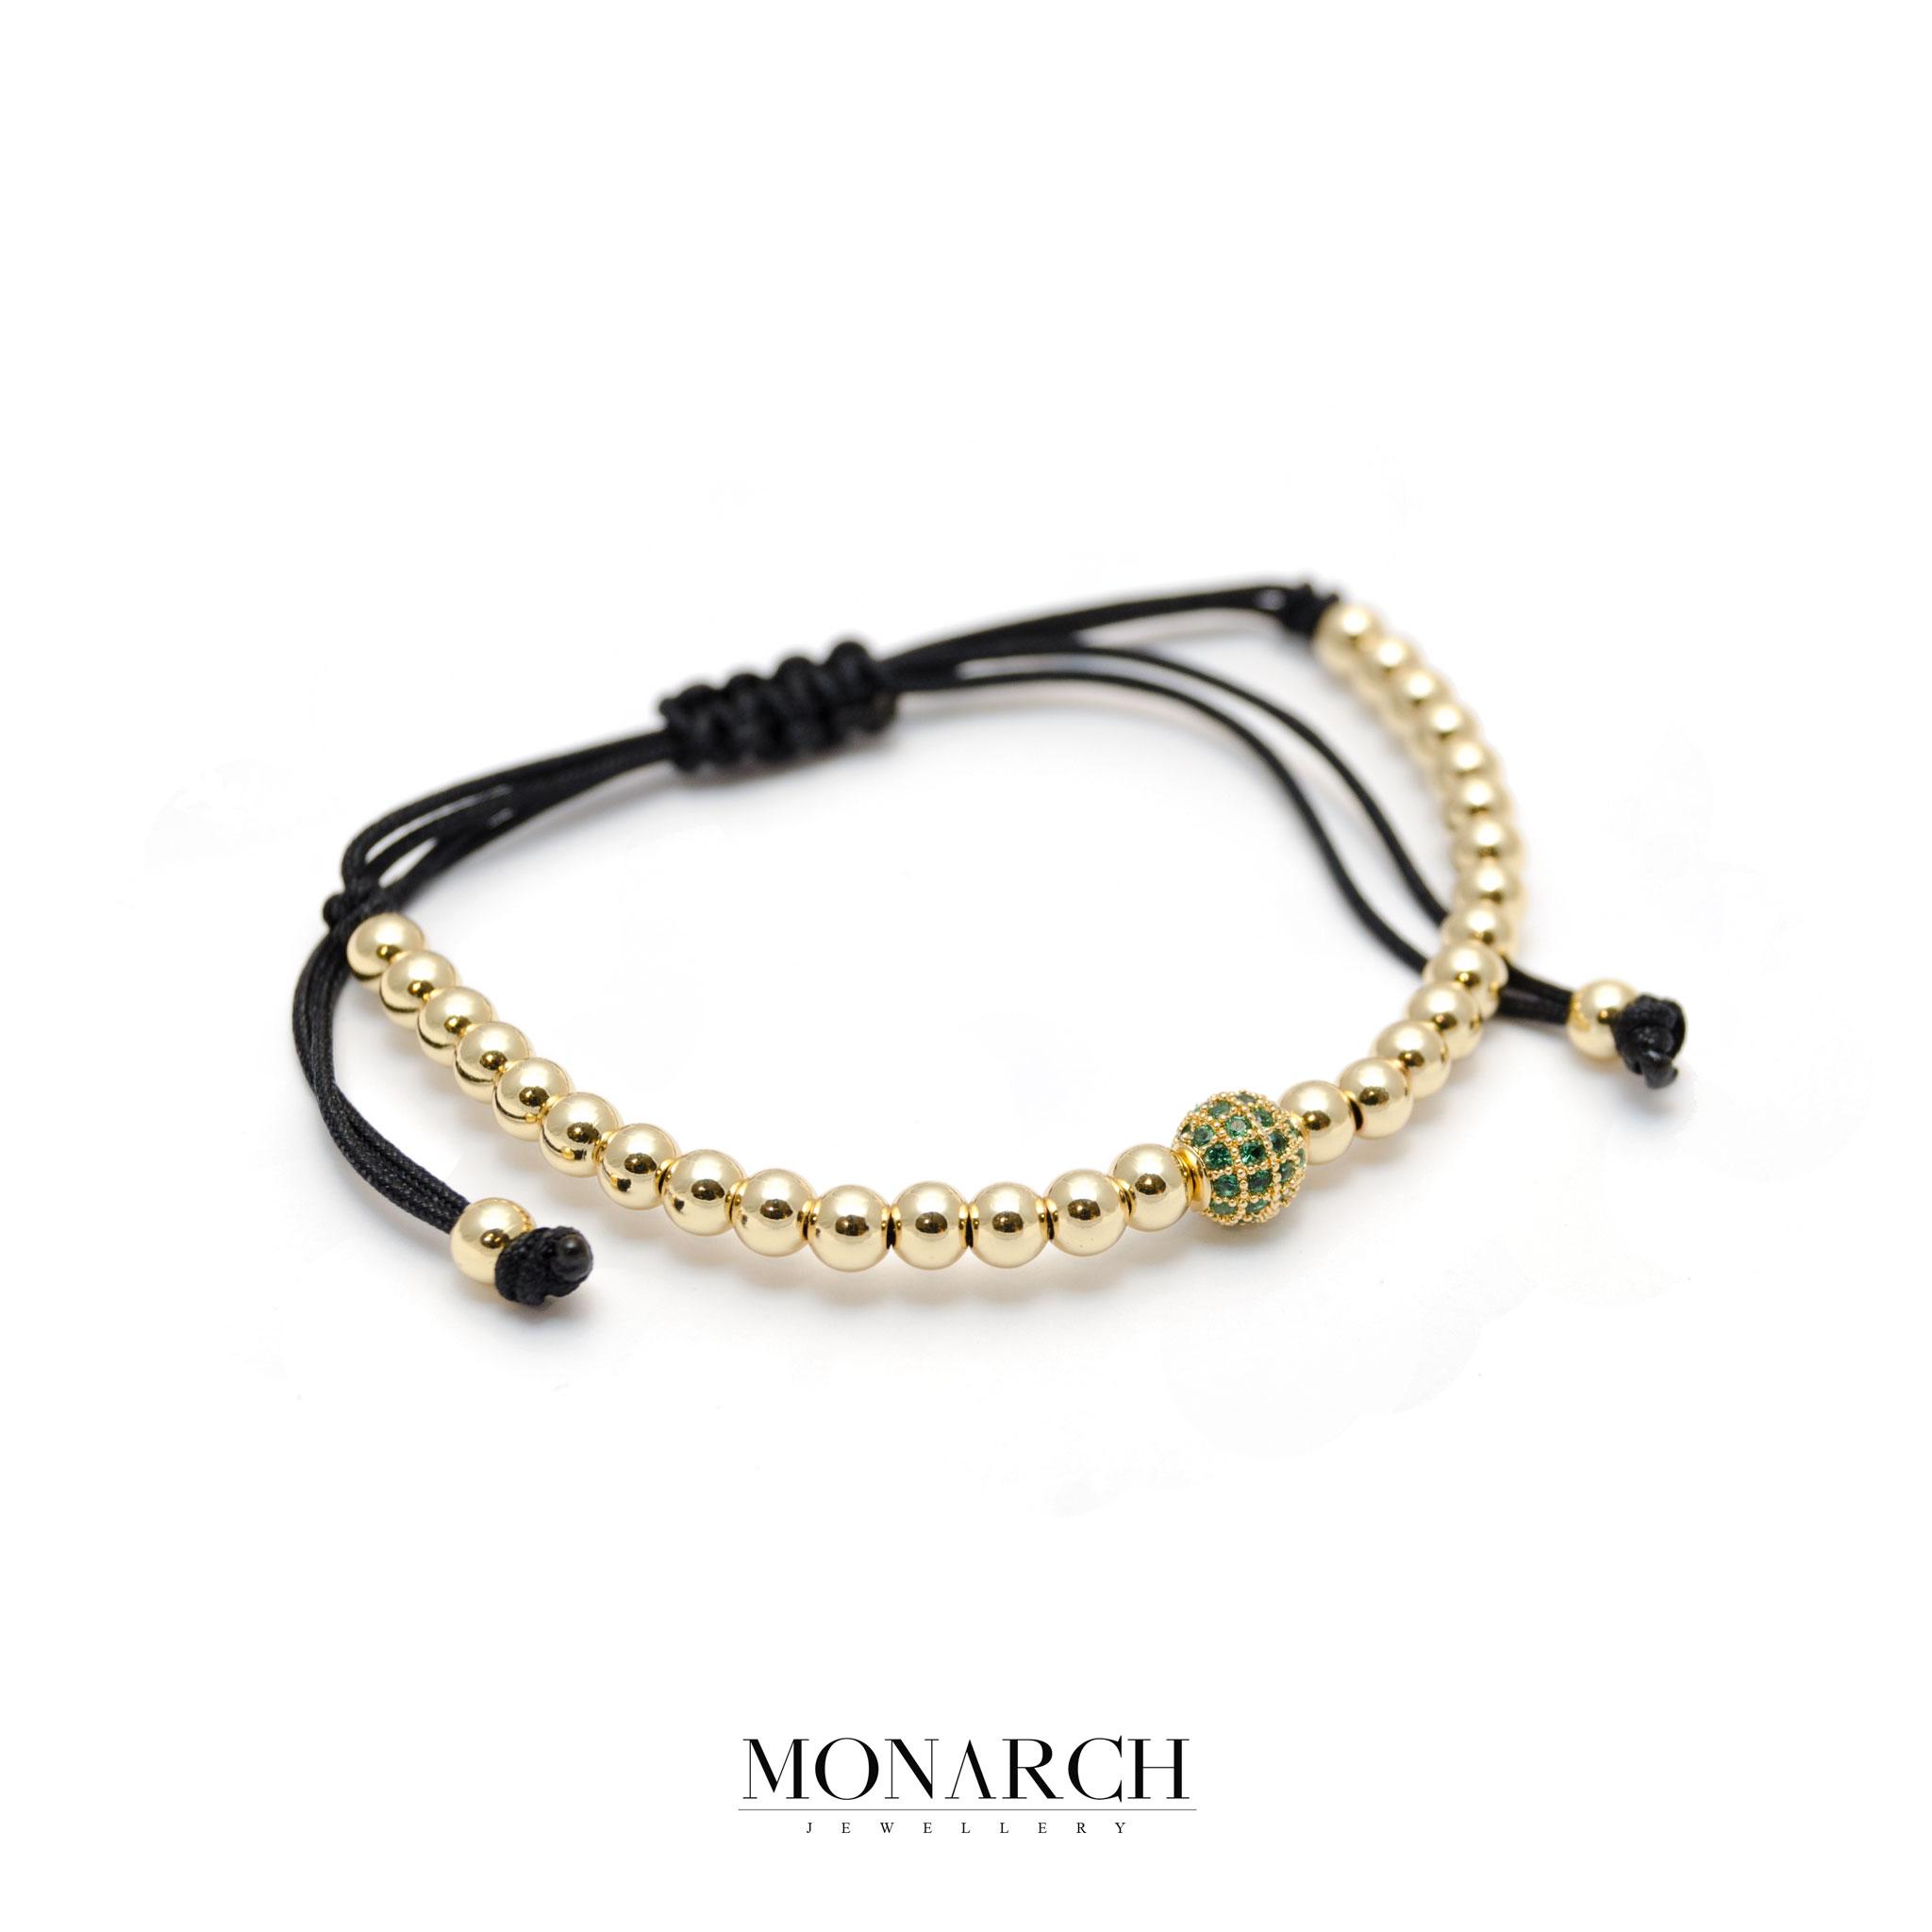 24k Gold Emerald Solo Zircon Macrame Bracelet Monarch Jewellery